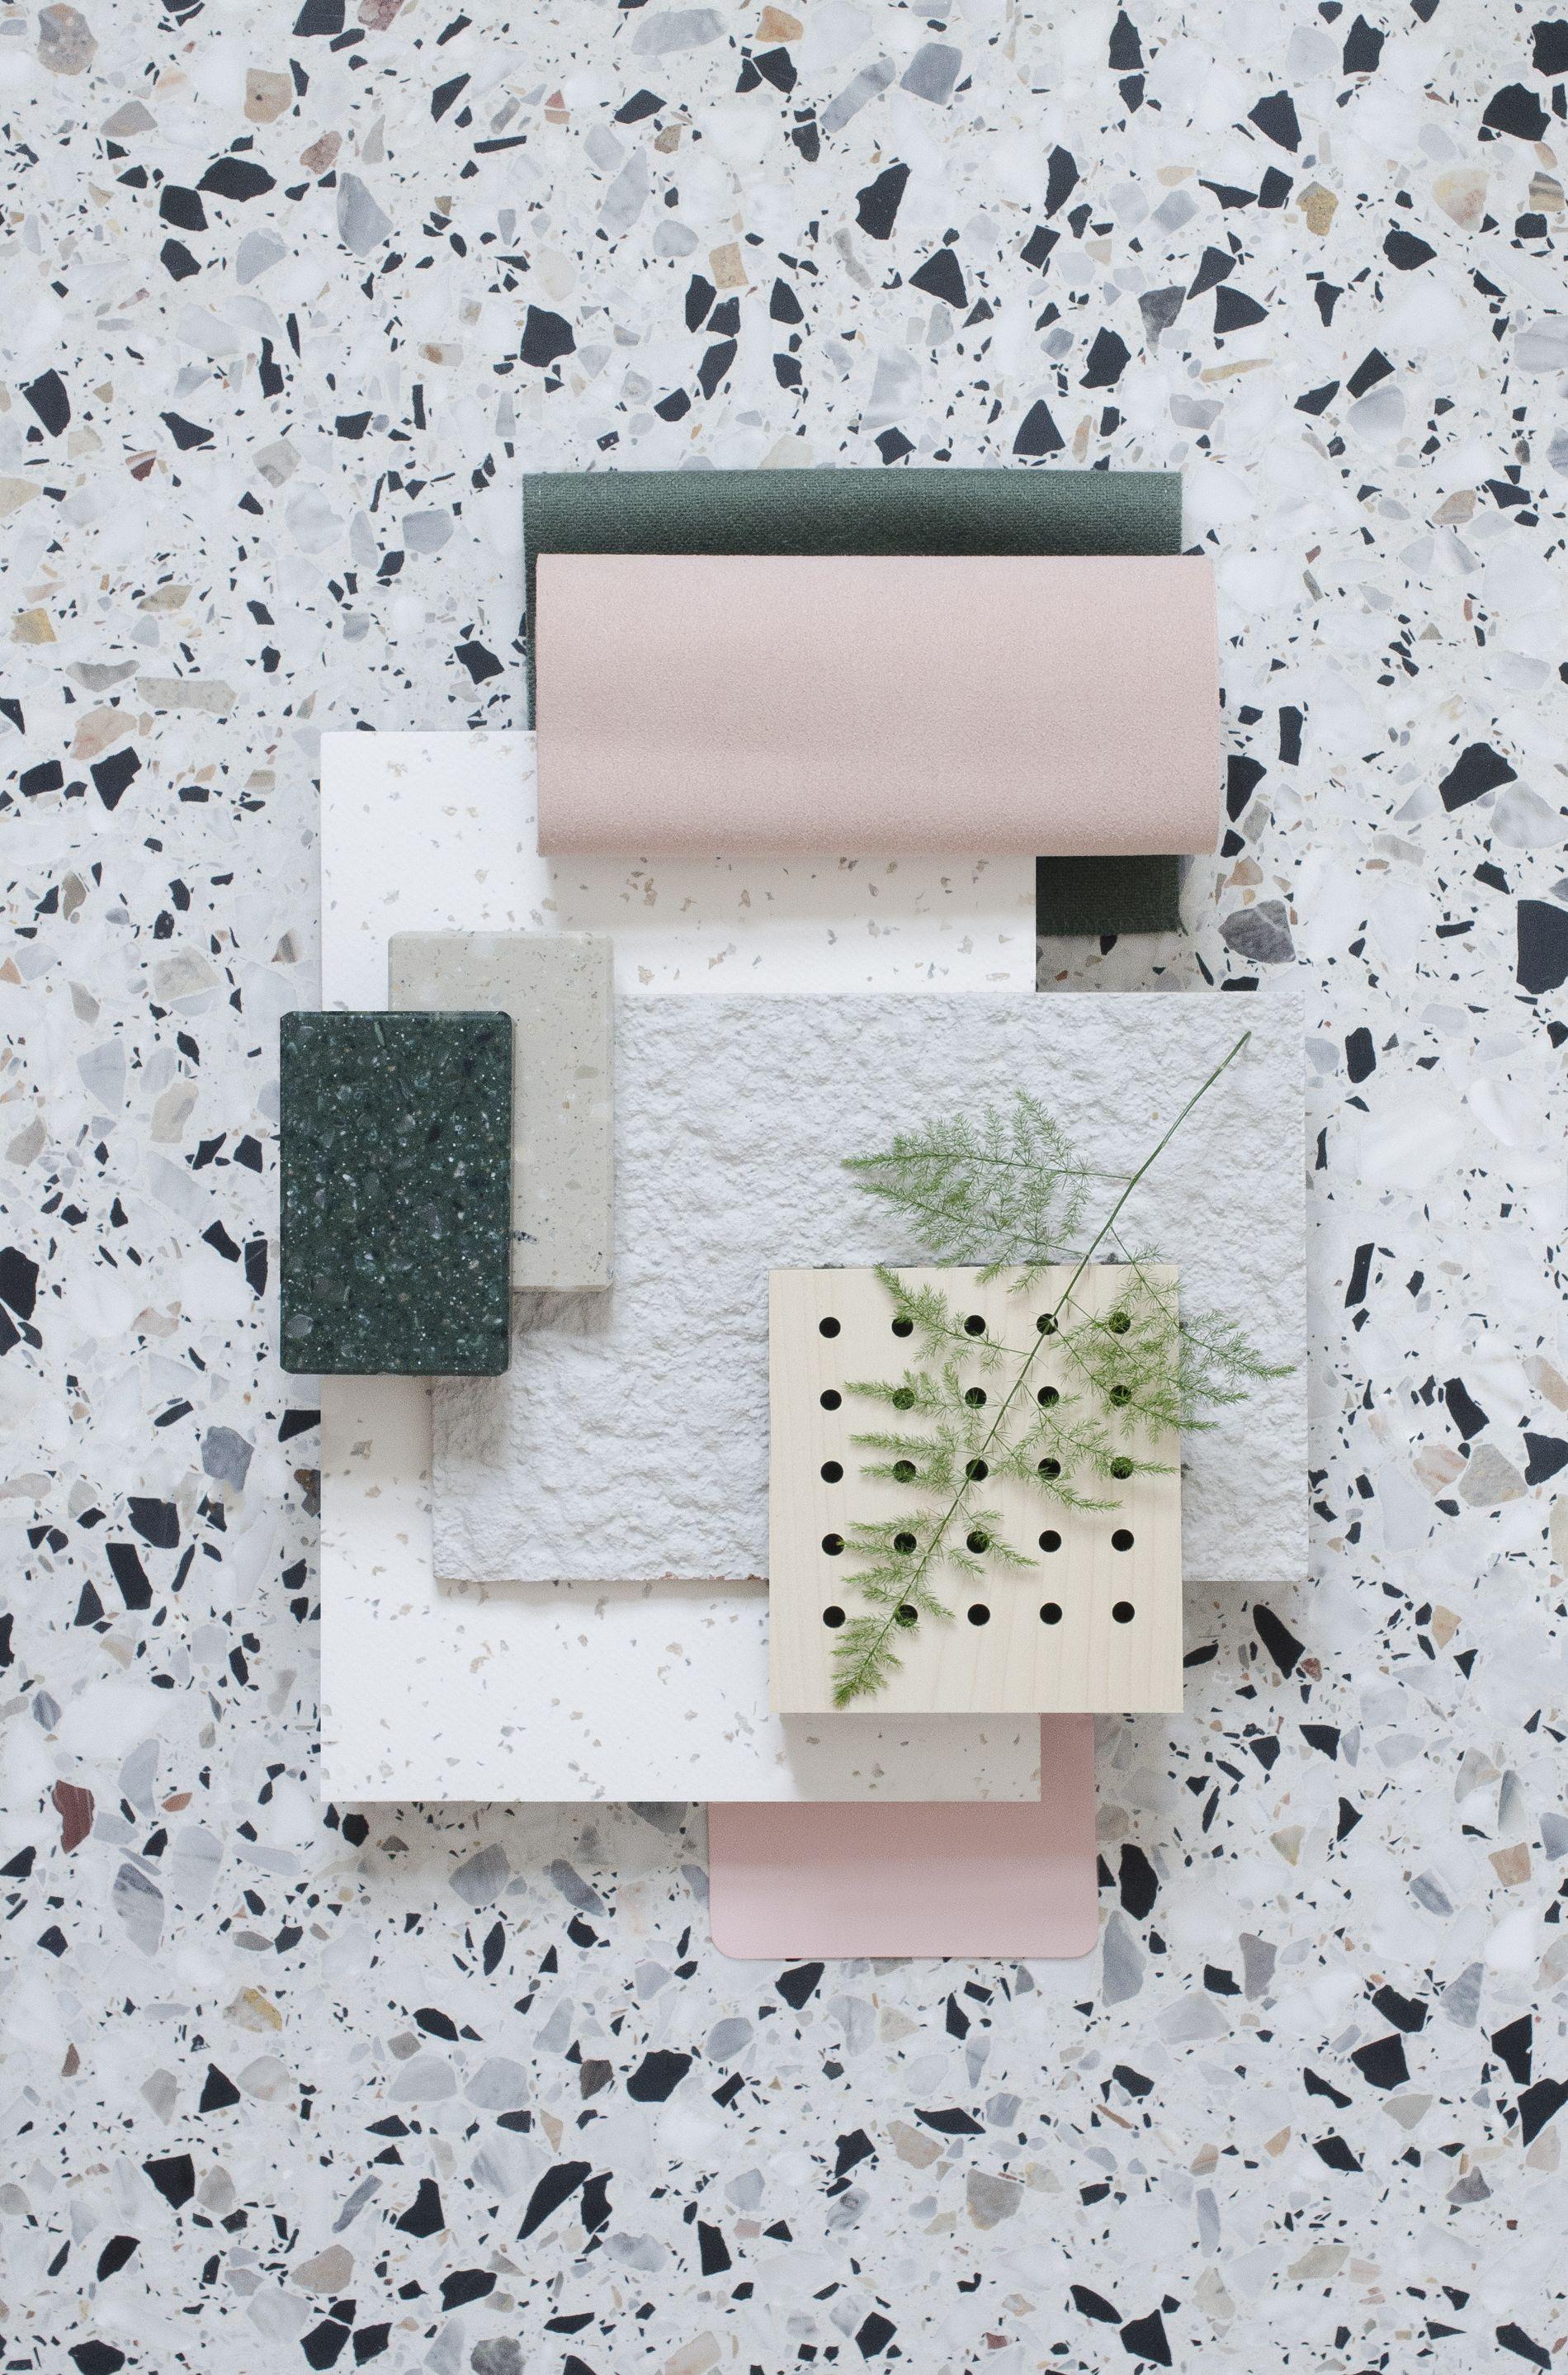 Granito tegels in combinatie met roze pastel tinten mood board tegels interieur bord licht interieur zwart wit interieur